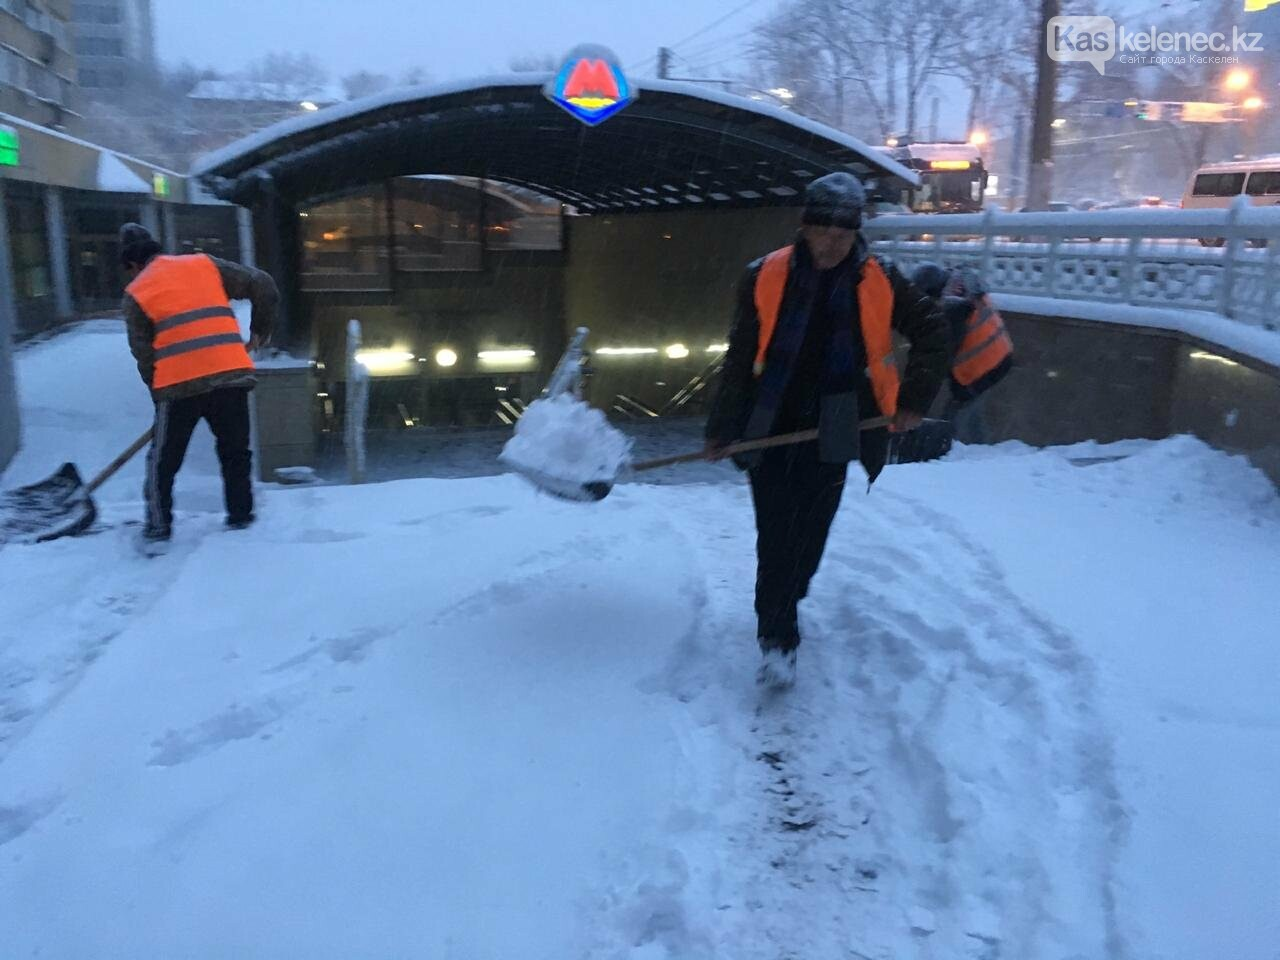 30 сантиметров снега выпало в Алматы и окрестностях, фото-1